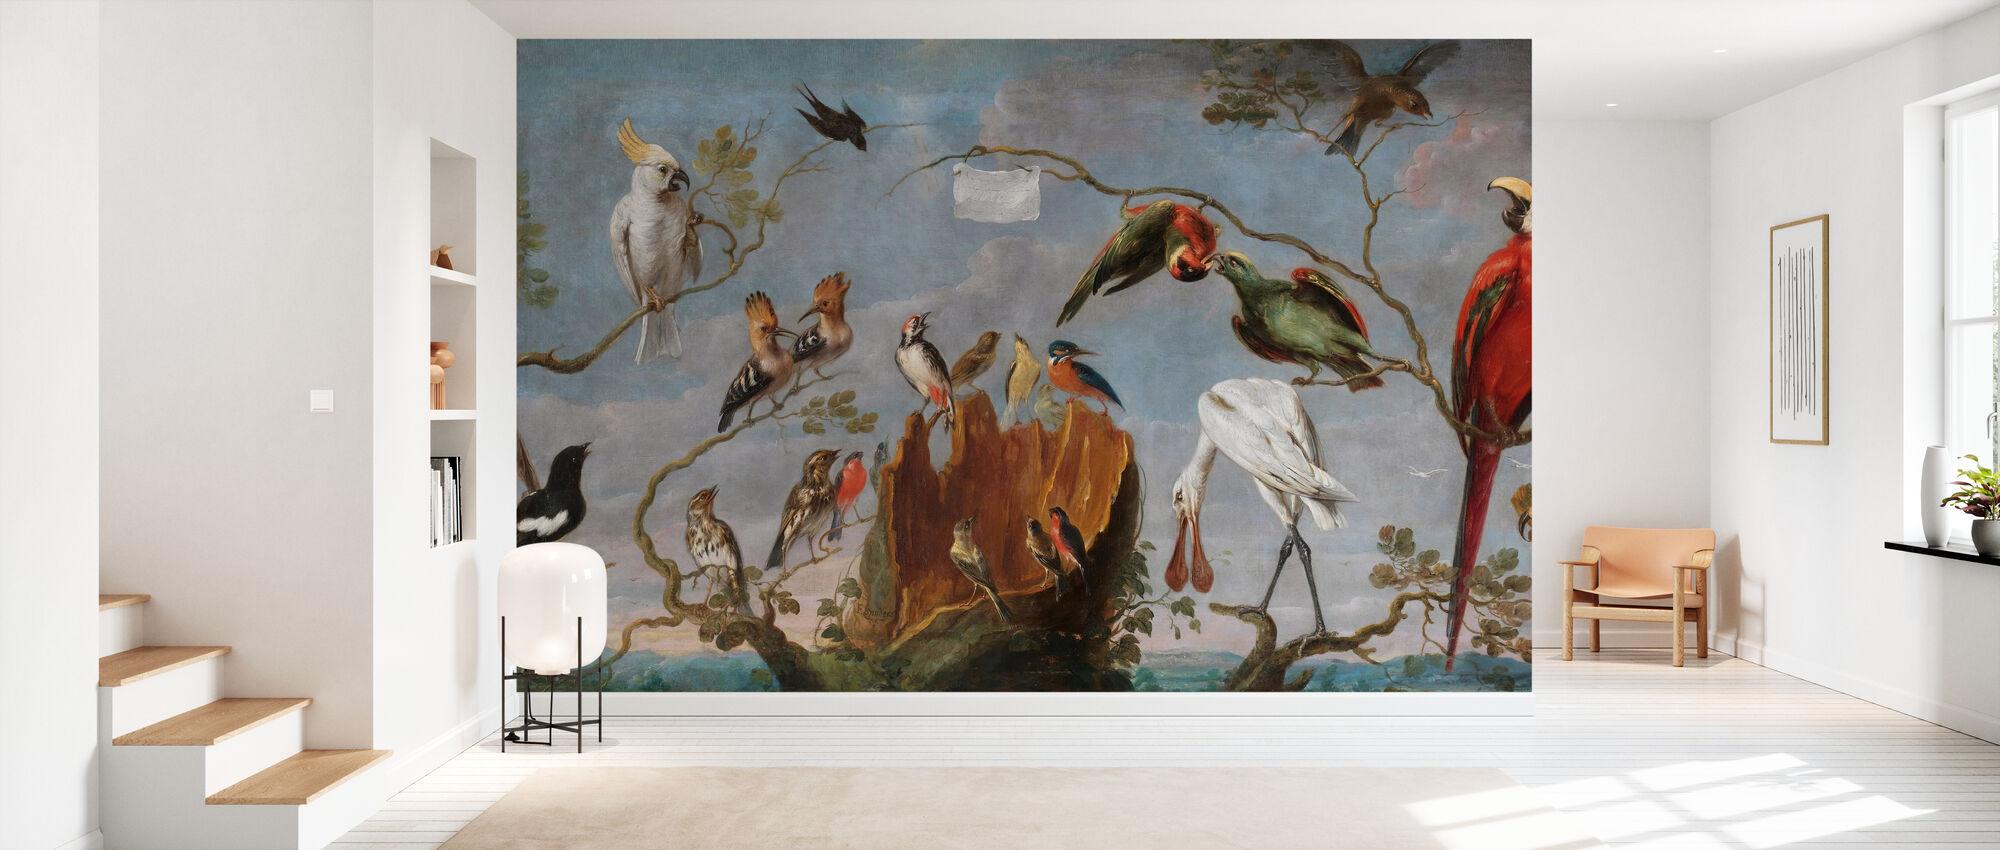 Birds Concert - Frans Snyders - Wallpaper - Hallway